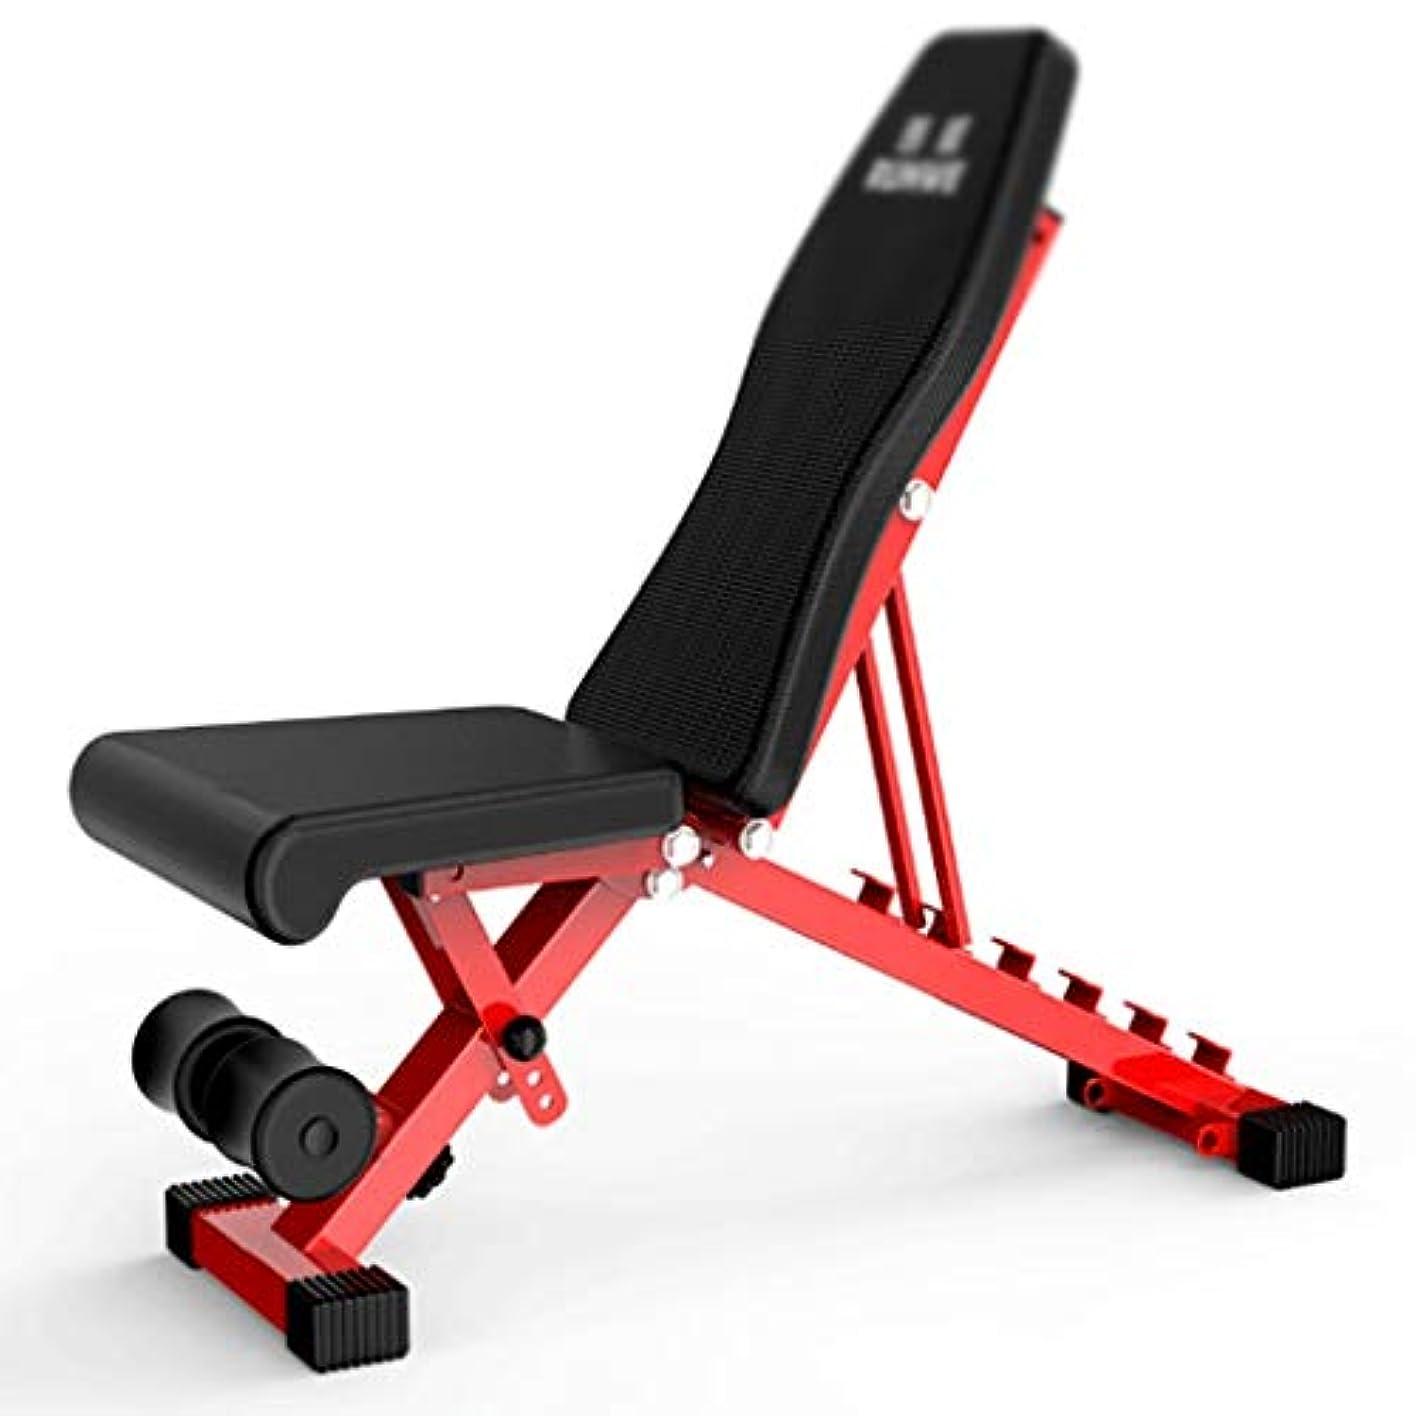 食べるミサイル三ウェイトベンチ ウェイトベンチプ シットアップベンチ高さ調節可能な折りたたみ重量ベンチMutifunctional腹部ベンチダンベルスツールジムの筋力トレーニング フィットネス機器 (Color : Black)